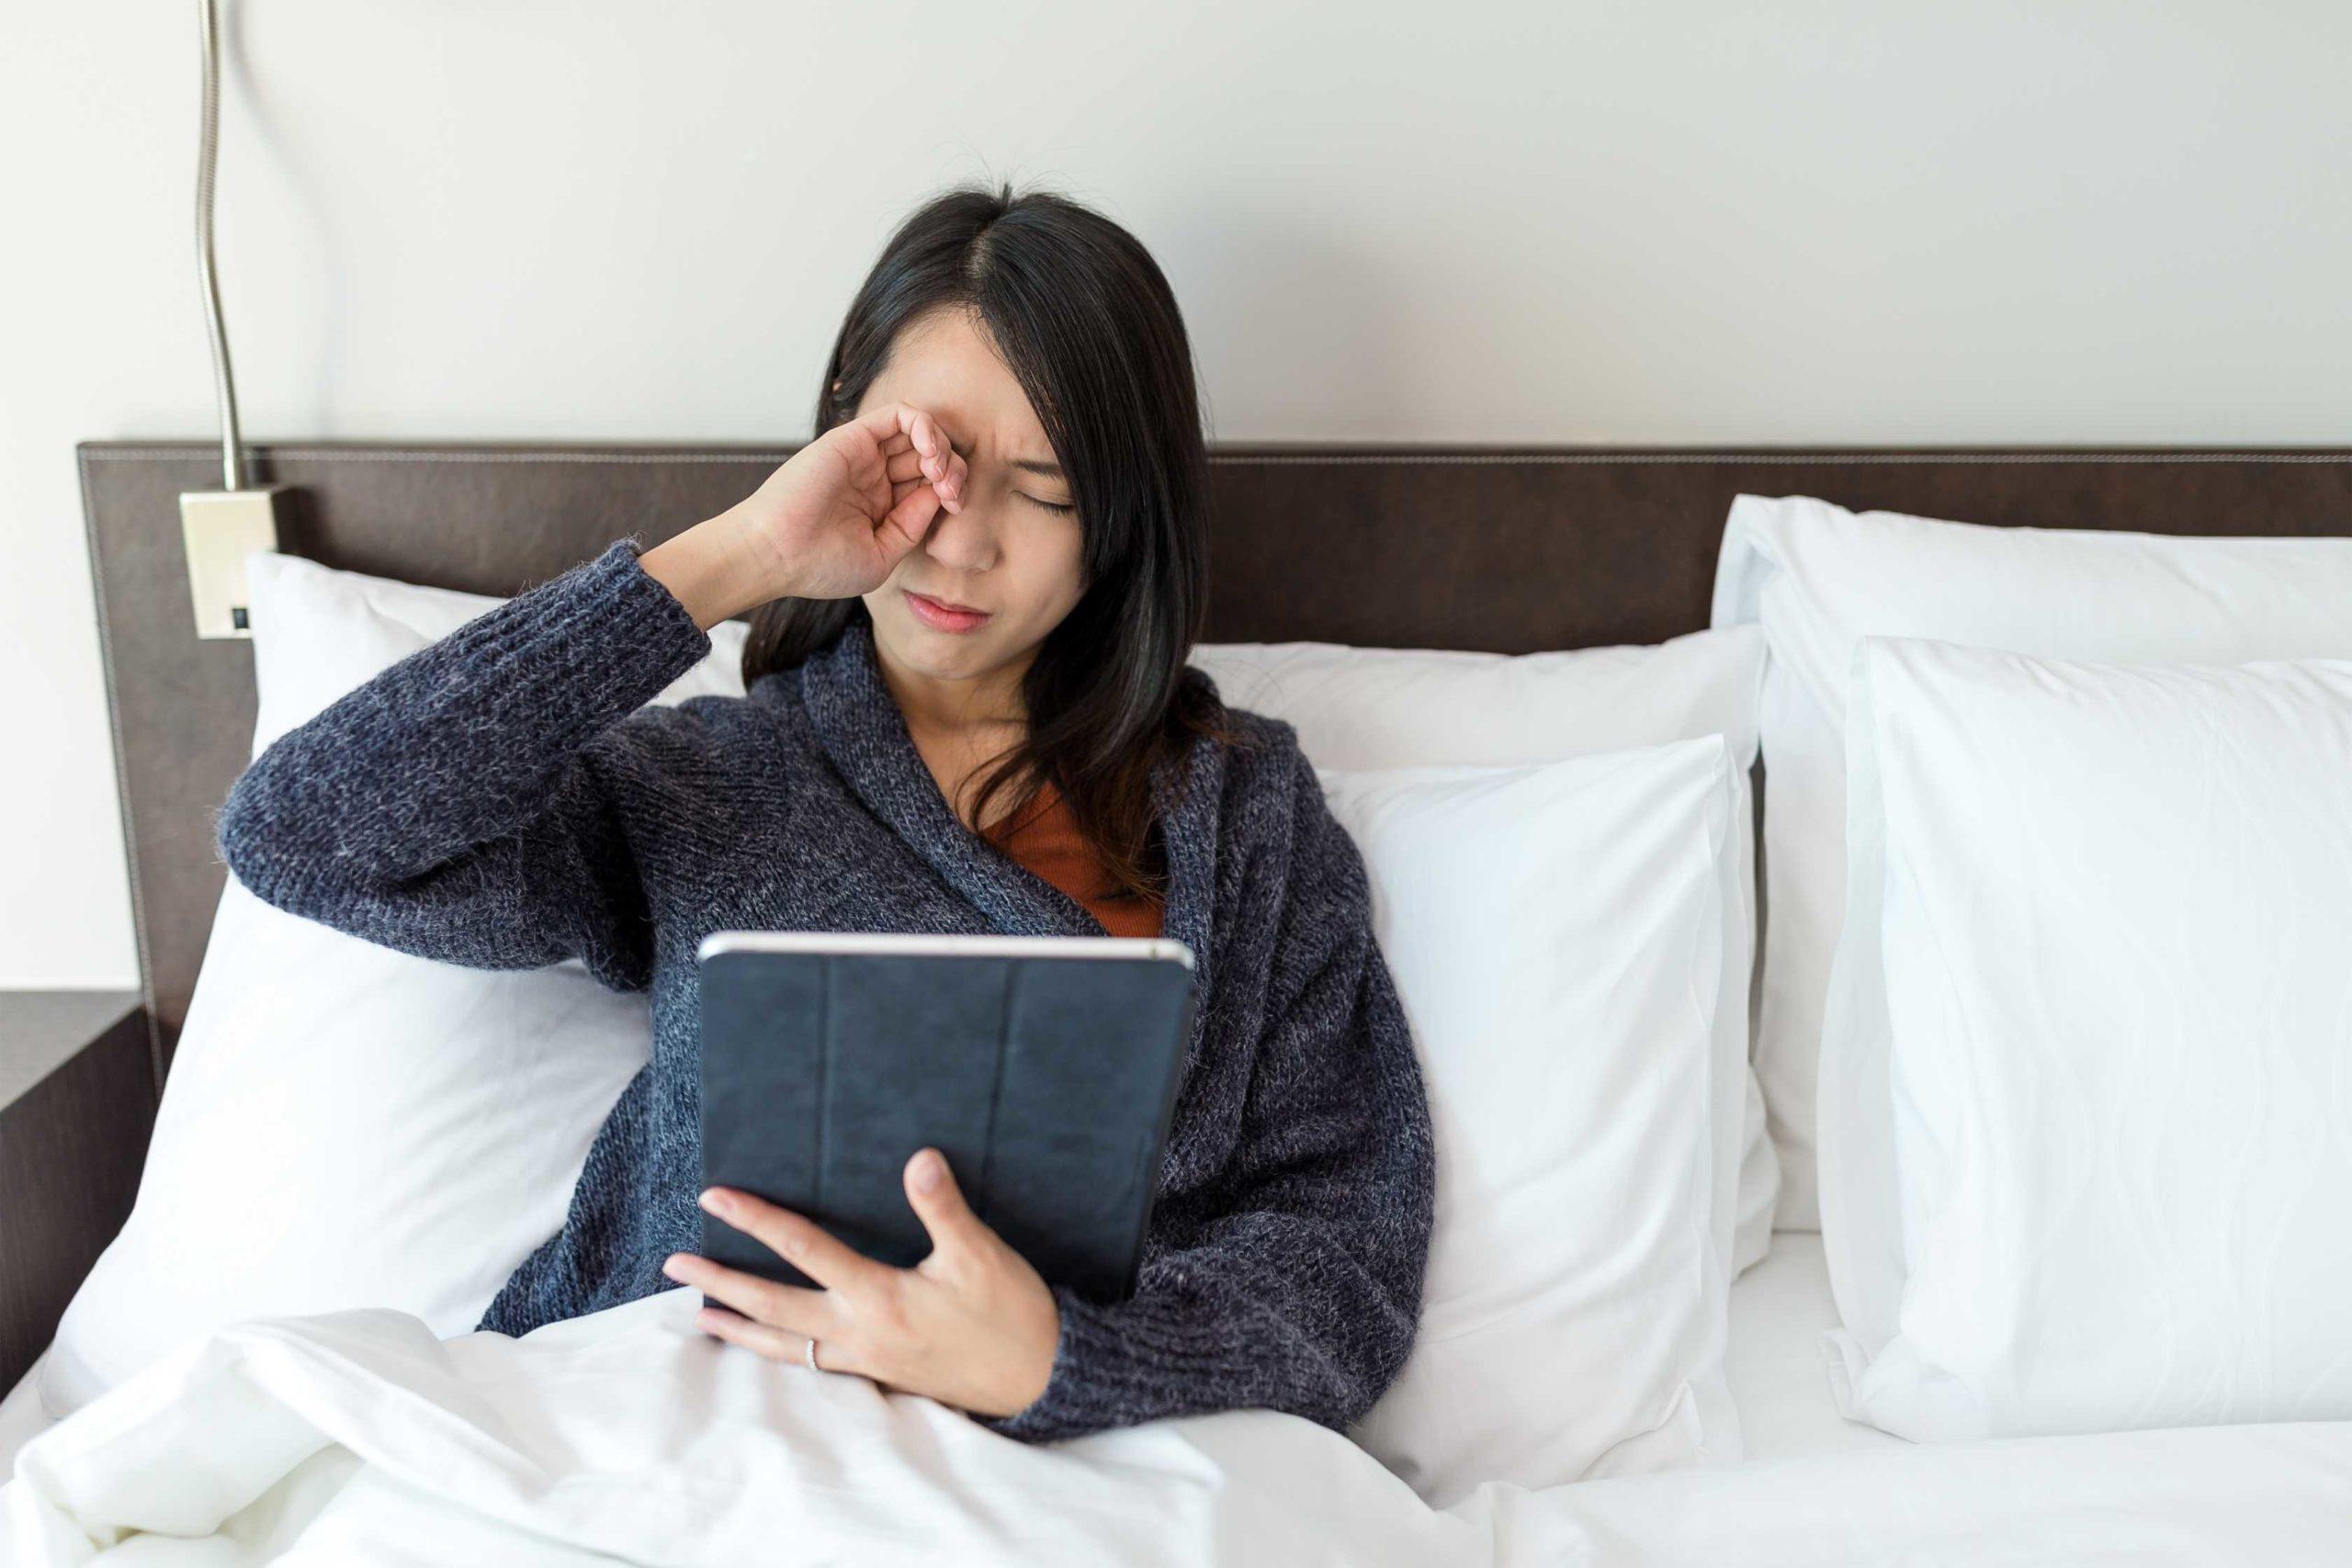 כאבי עיניים כתוצאה מלחץ תוך עיני גבוה